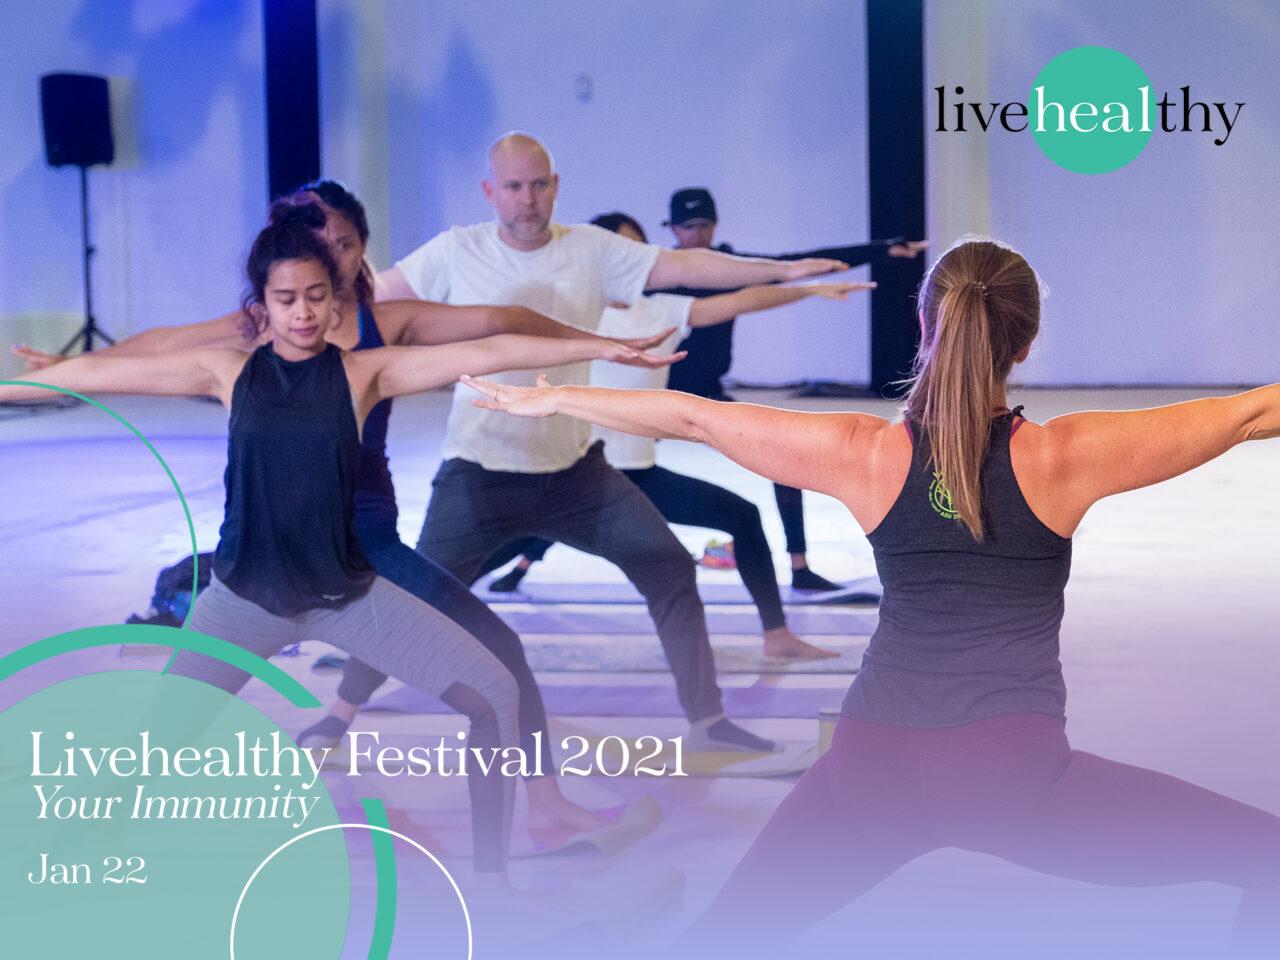 LH Festival 2021 schedule